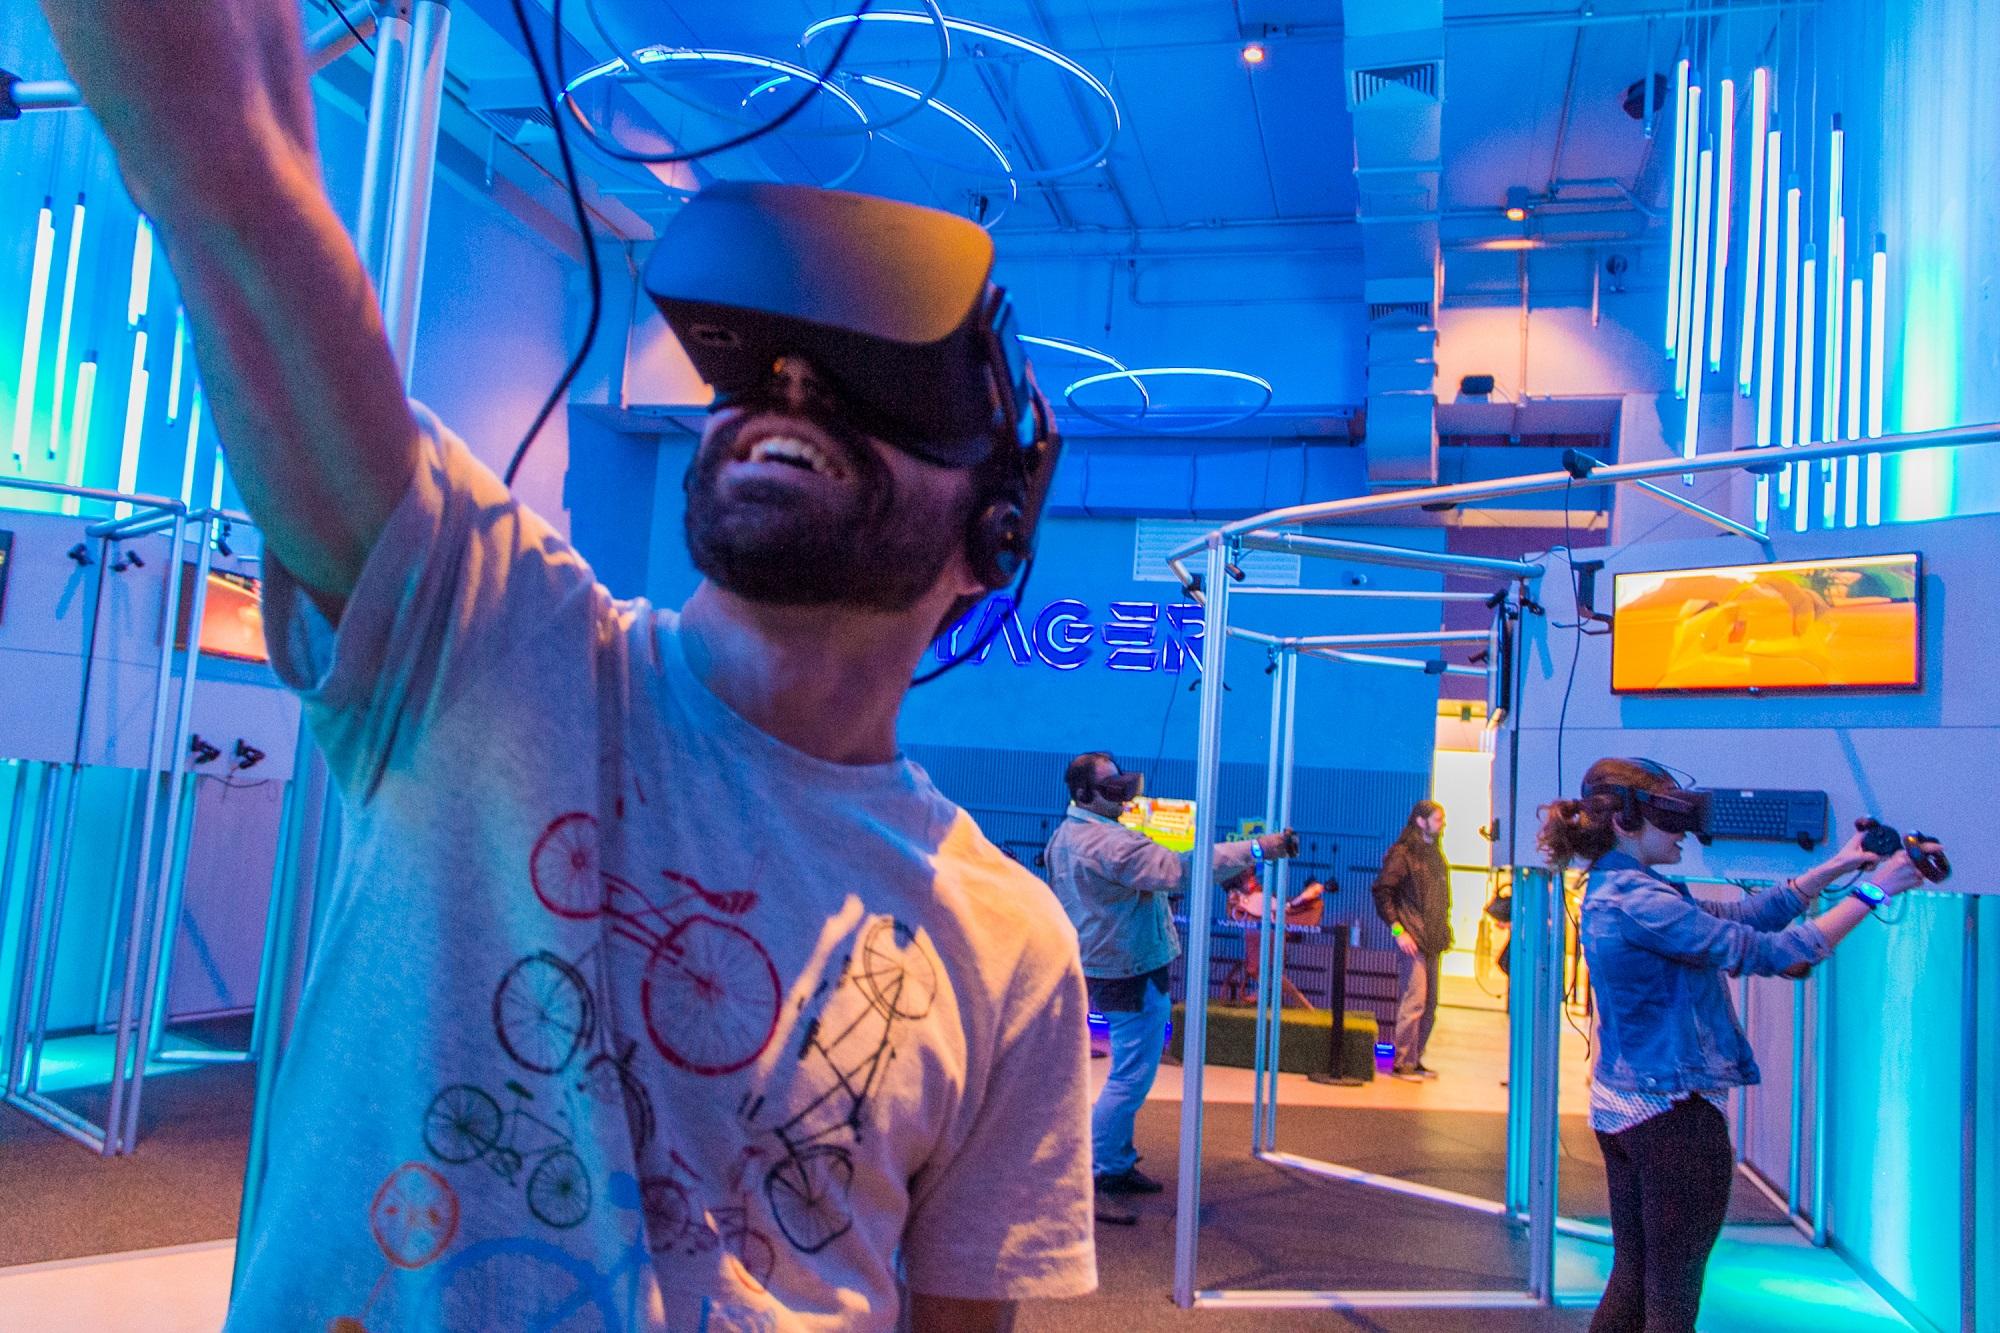 Conheça o centro de games com realidade virtual em Curitiba